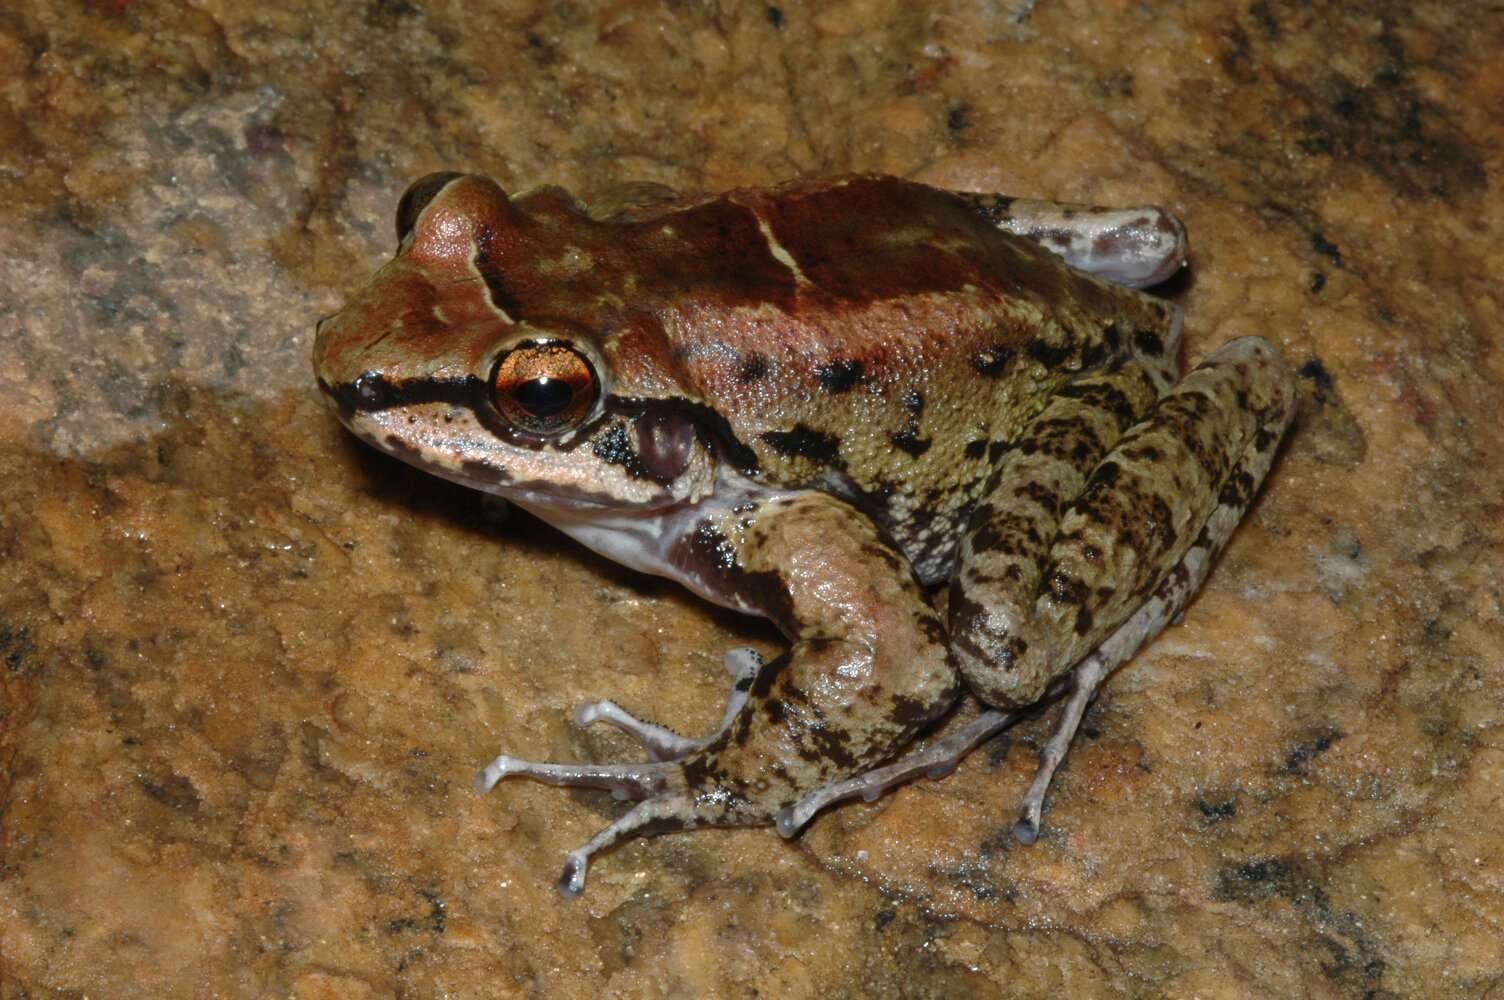 Thoropa Taophora est une grenouille vivant au Brésil. © Fábio de Sá